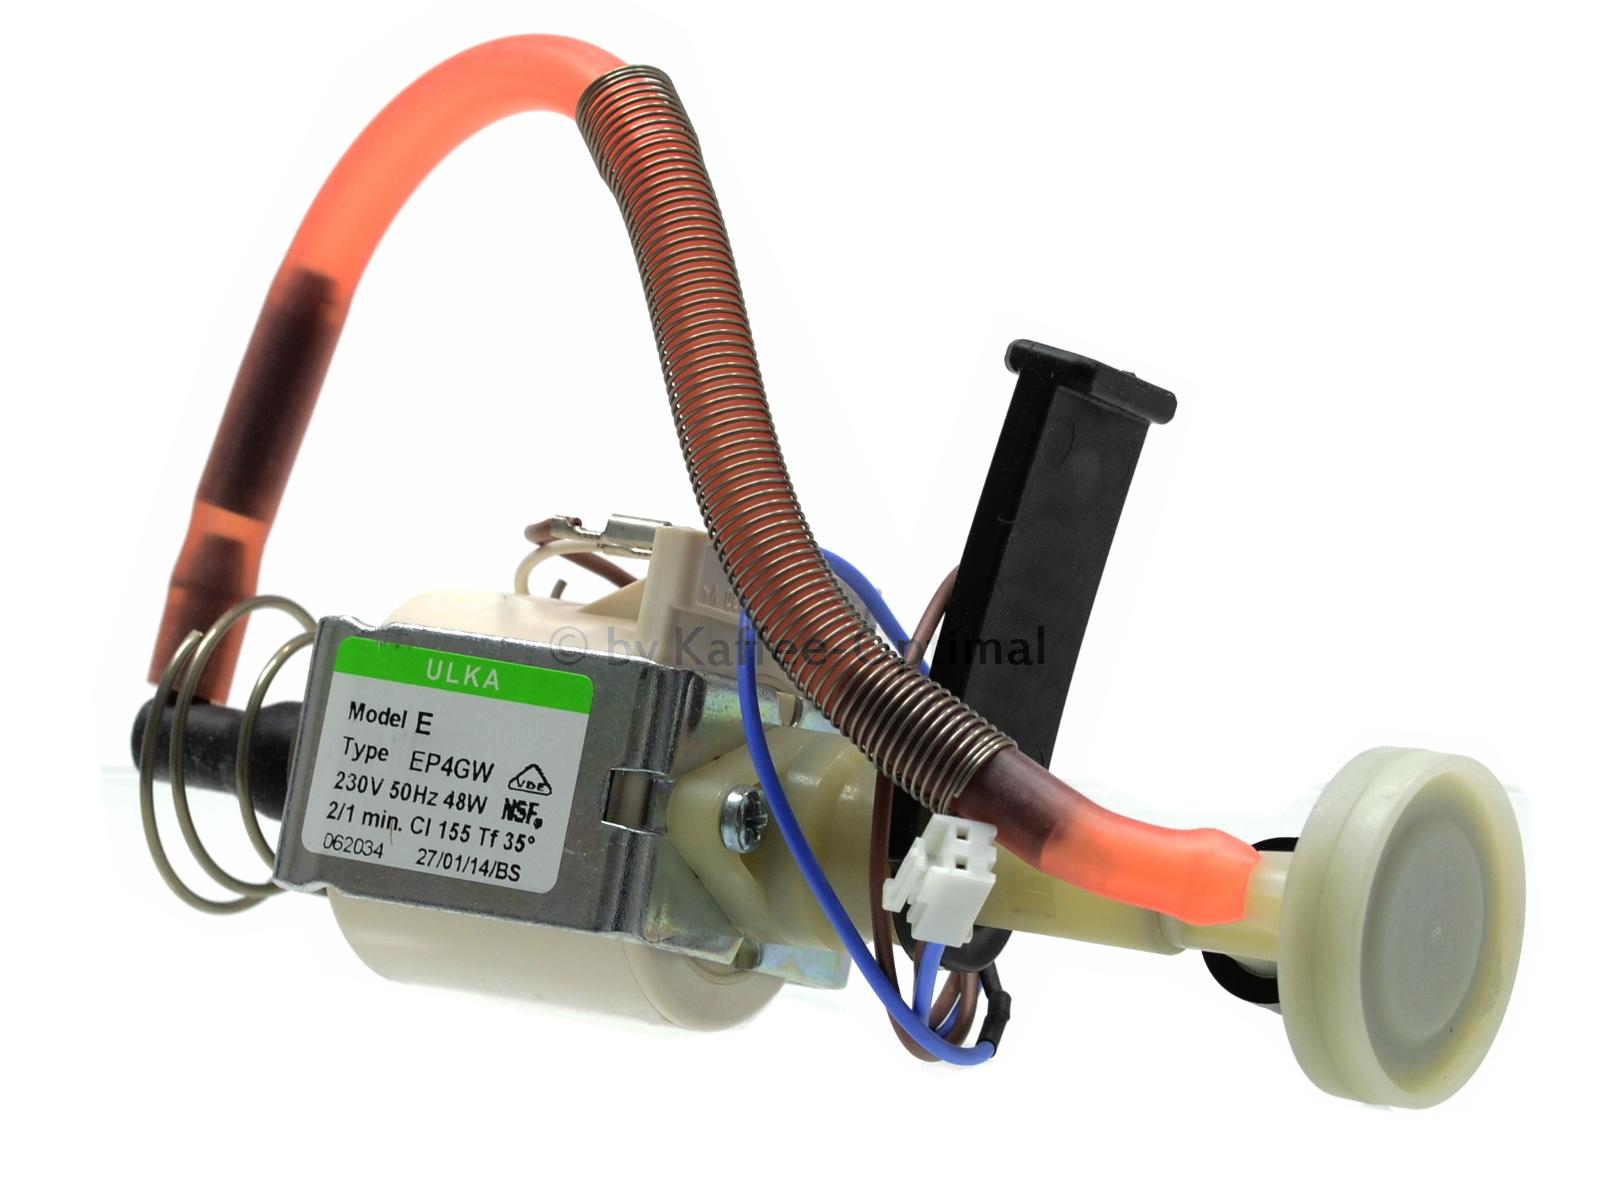 Siemens Eq 7 Ersatzteile: Wasserpumpe Für Siemens EQ.7 Modelle & Einbaugeräte Kaufen